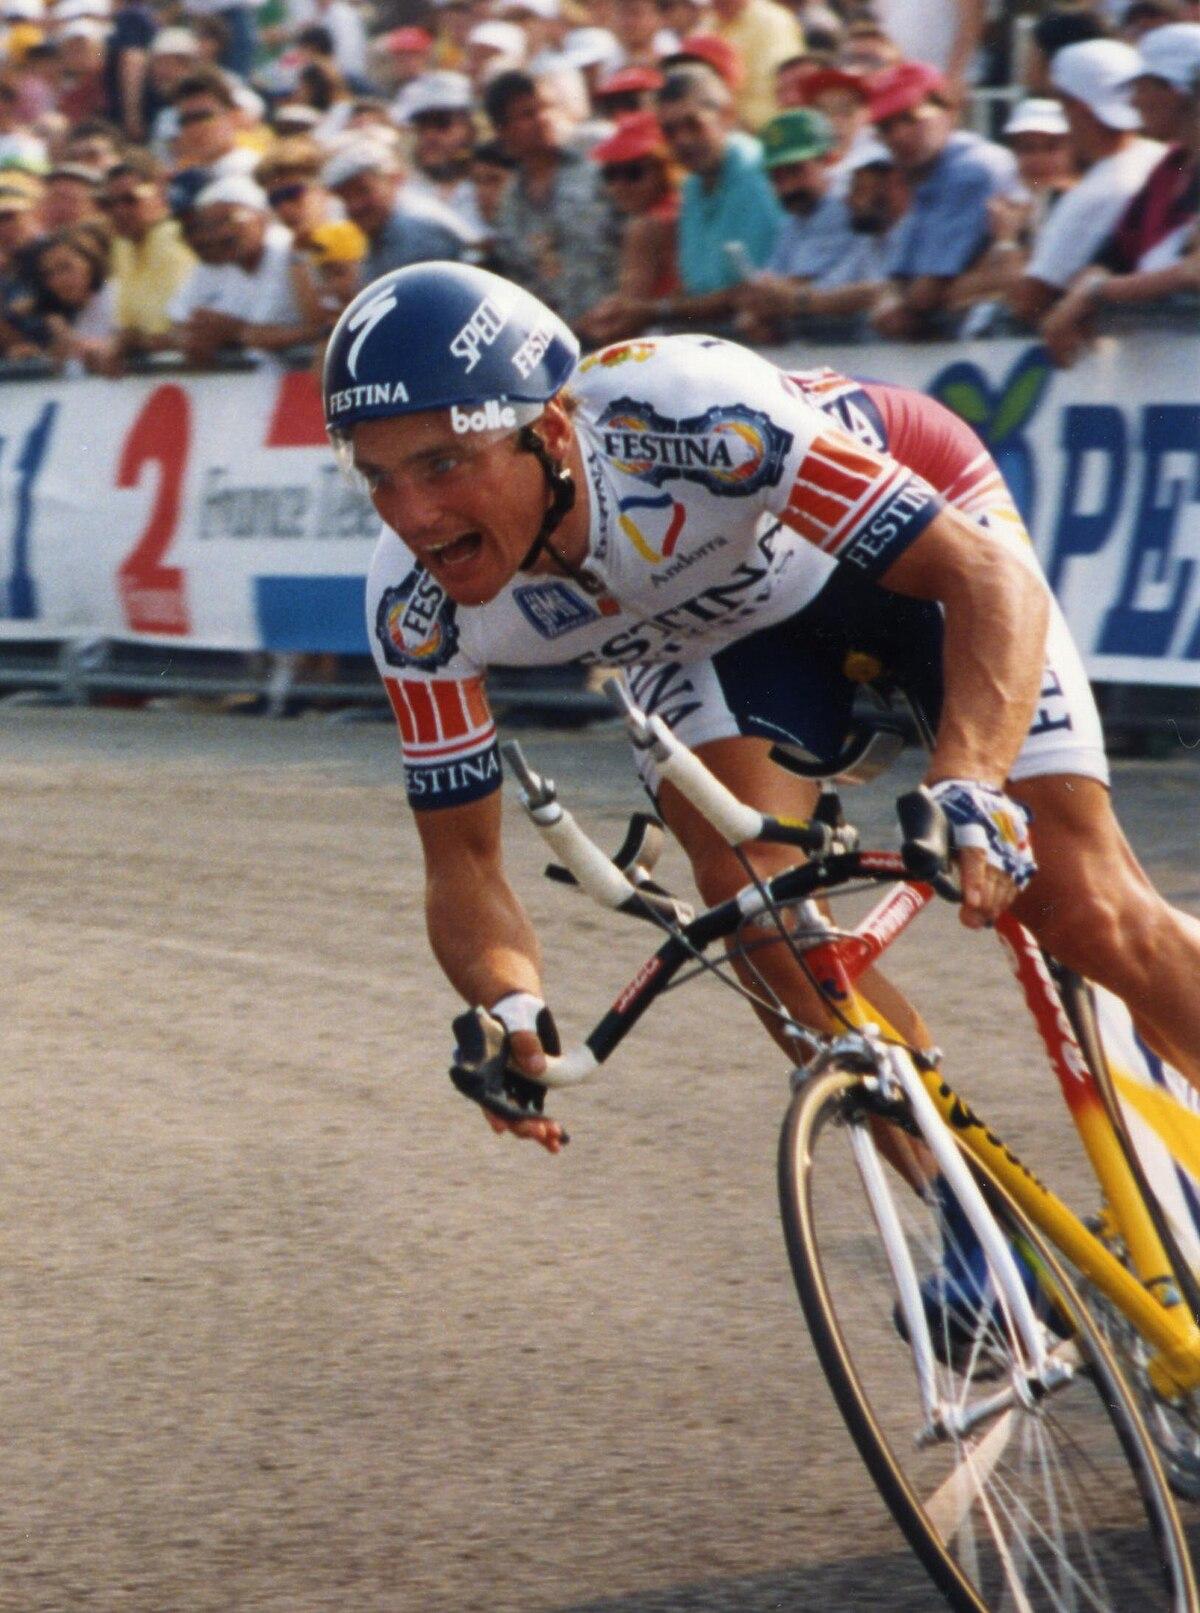 Who Won The Tour De France